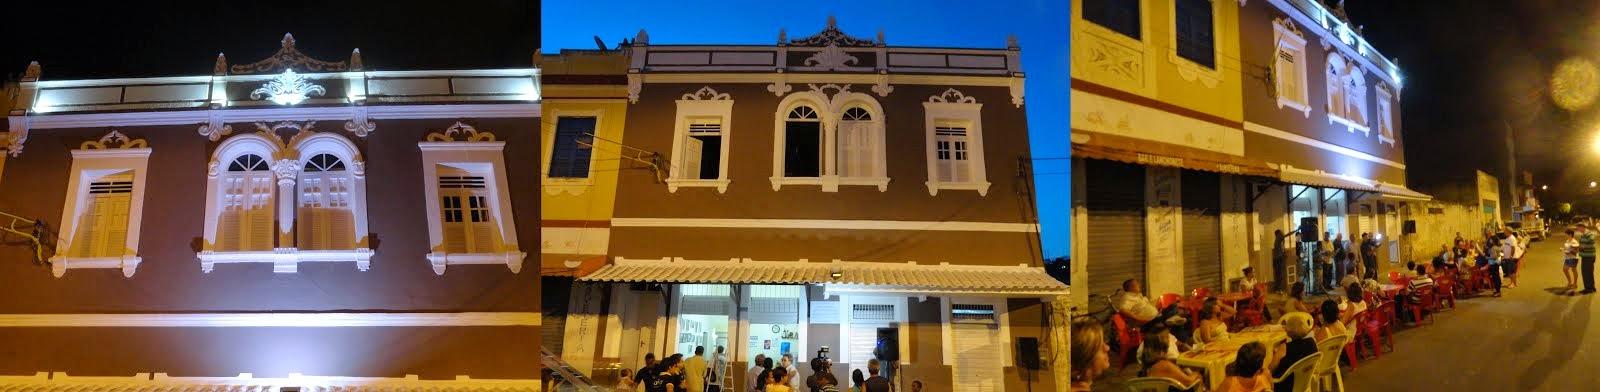 Patrimônio Histórico | Casarão do Capitão João Manoel Texeira